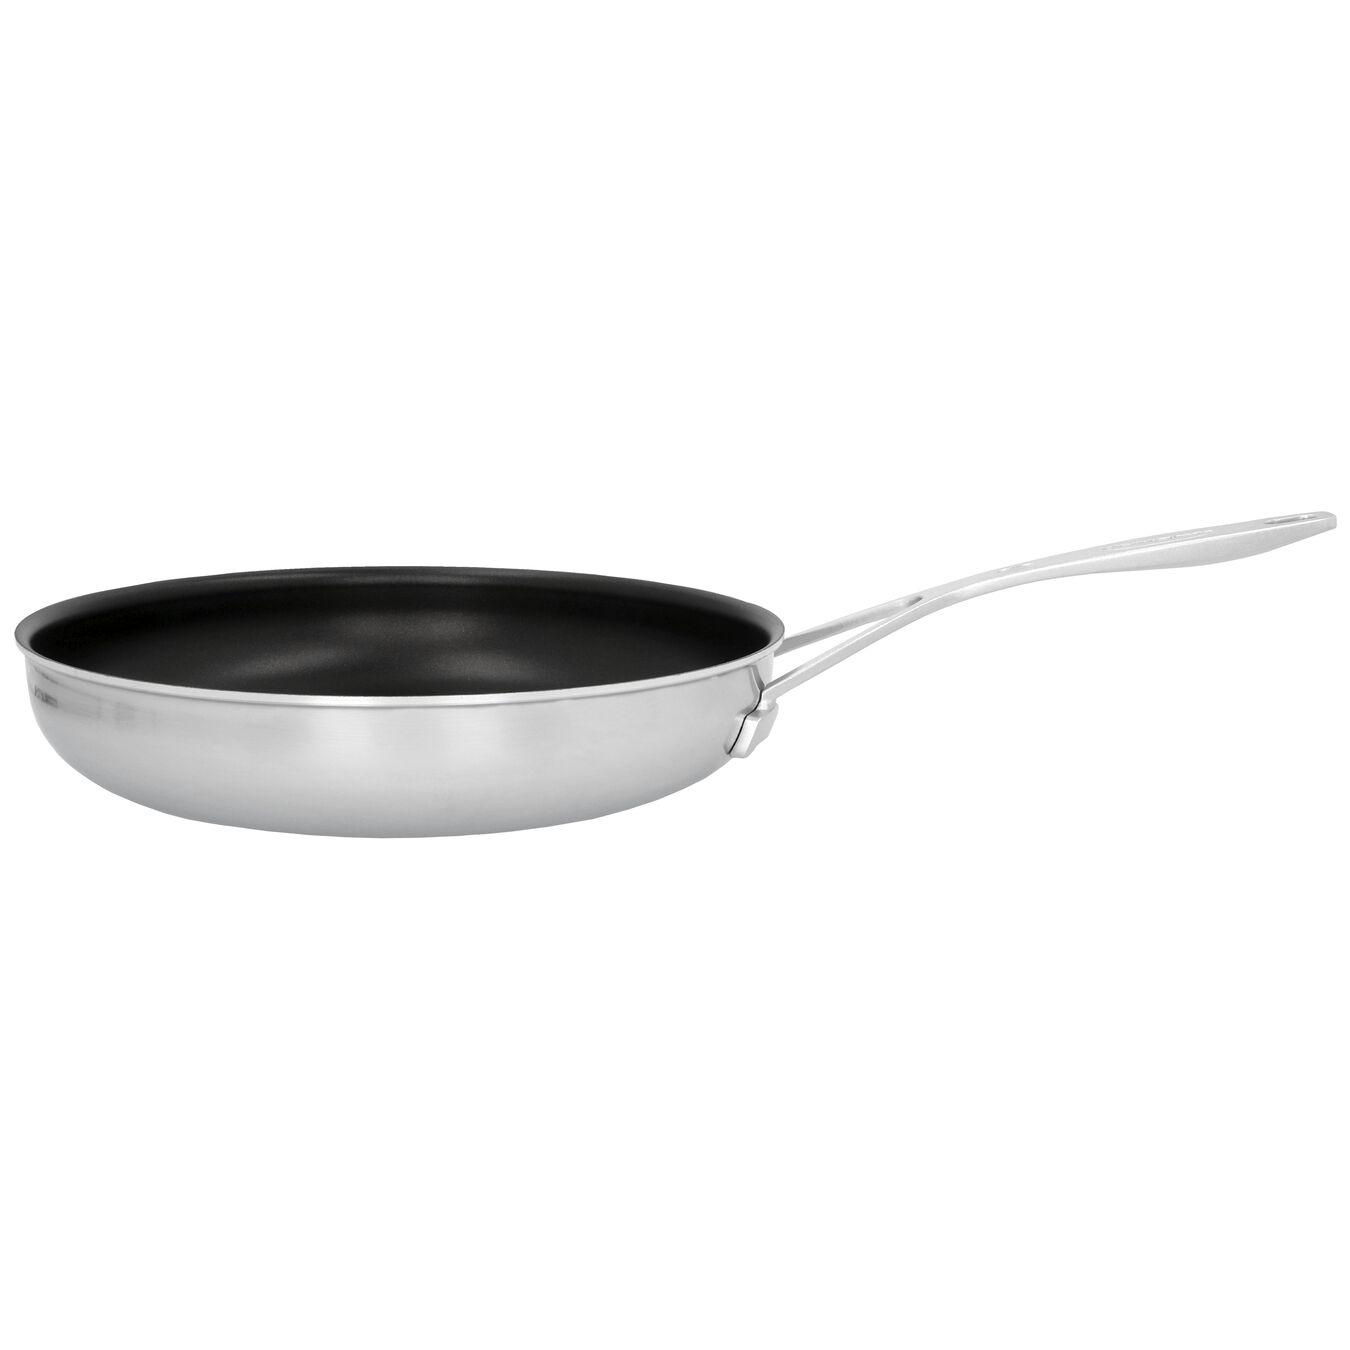 Poêle 28 cm, Inox 18/10, Noir argenté,,large 1